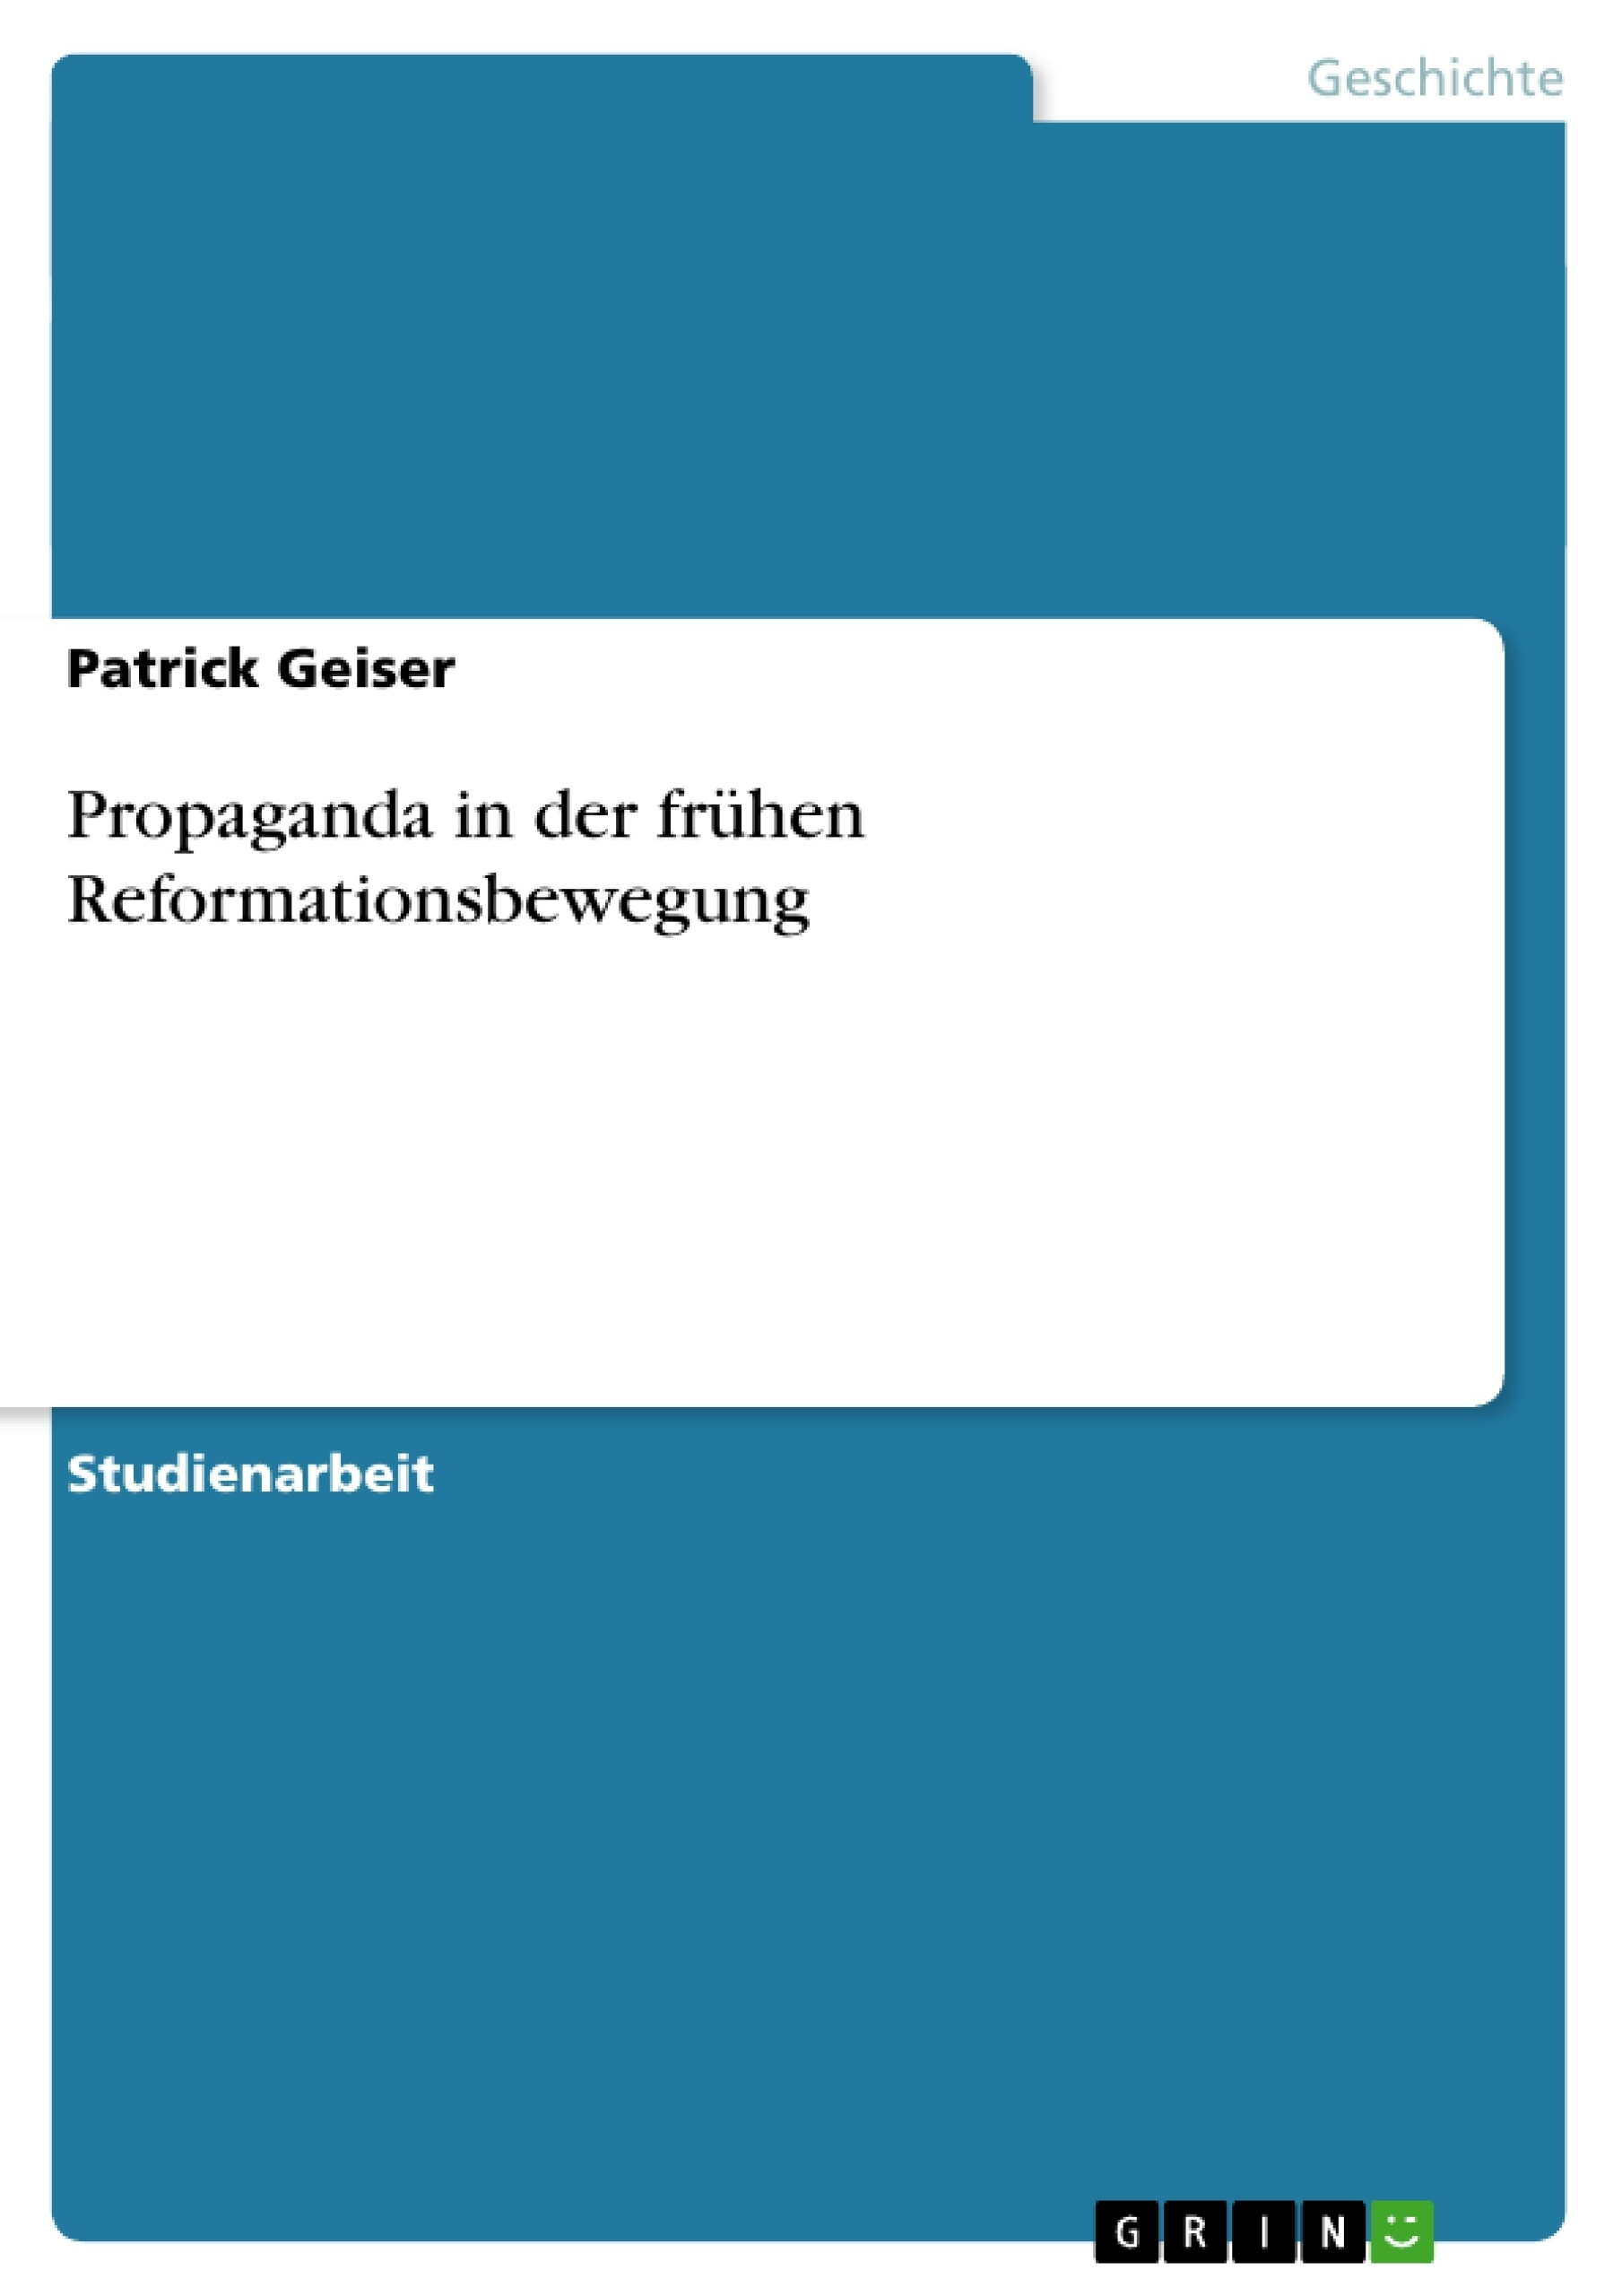 Titel: Propaganda in der frühen Reformationsbewegung